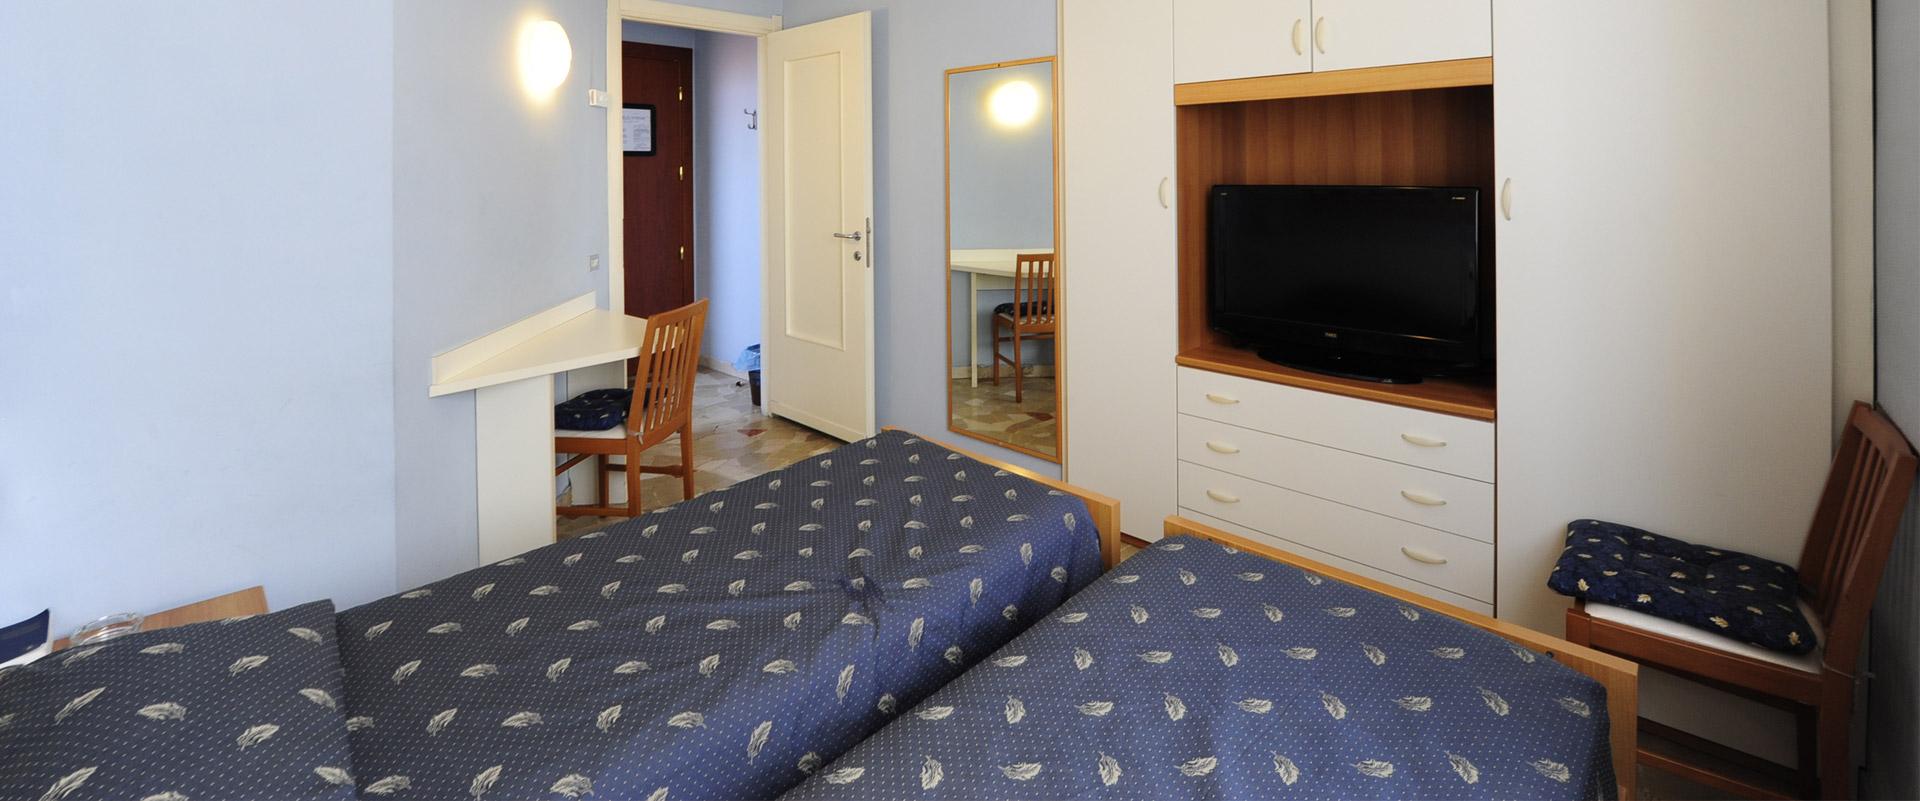 Hotel Economico Milano Corvetto